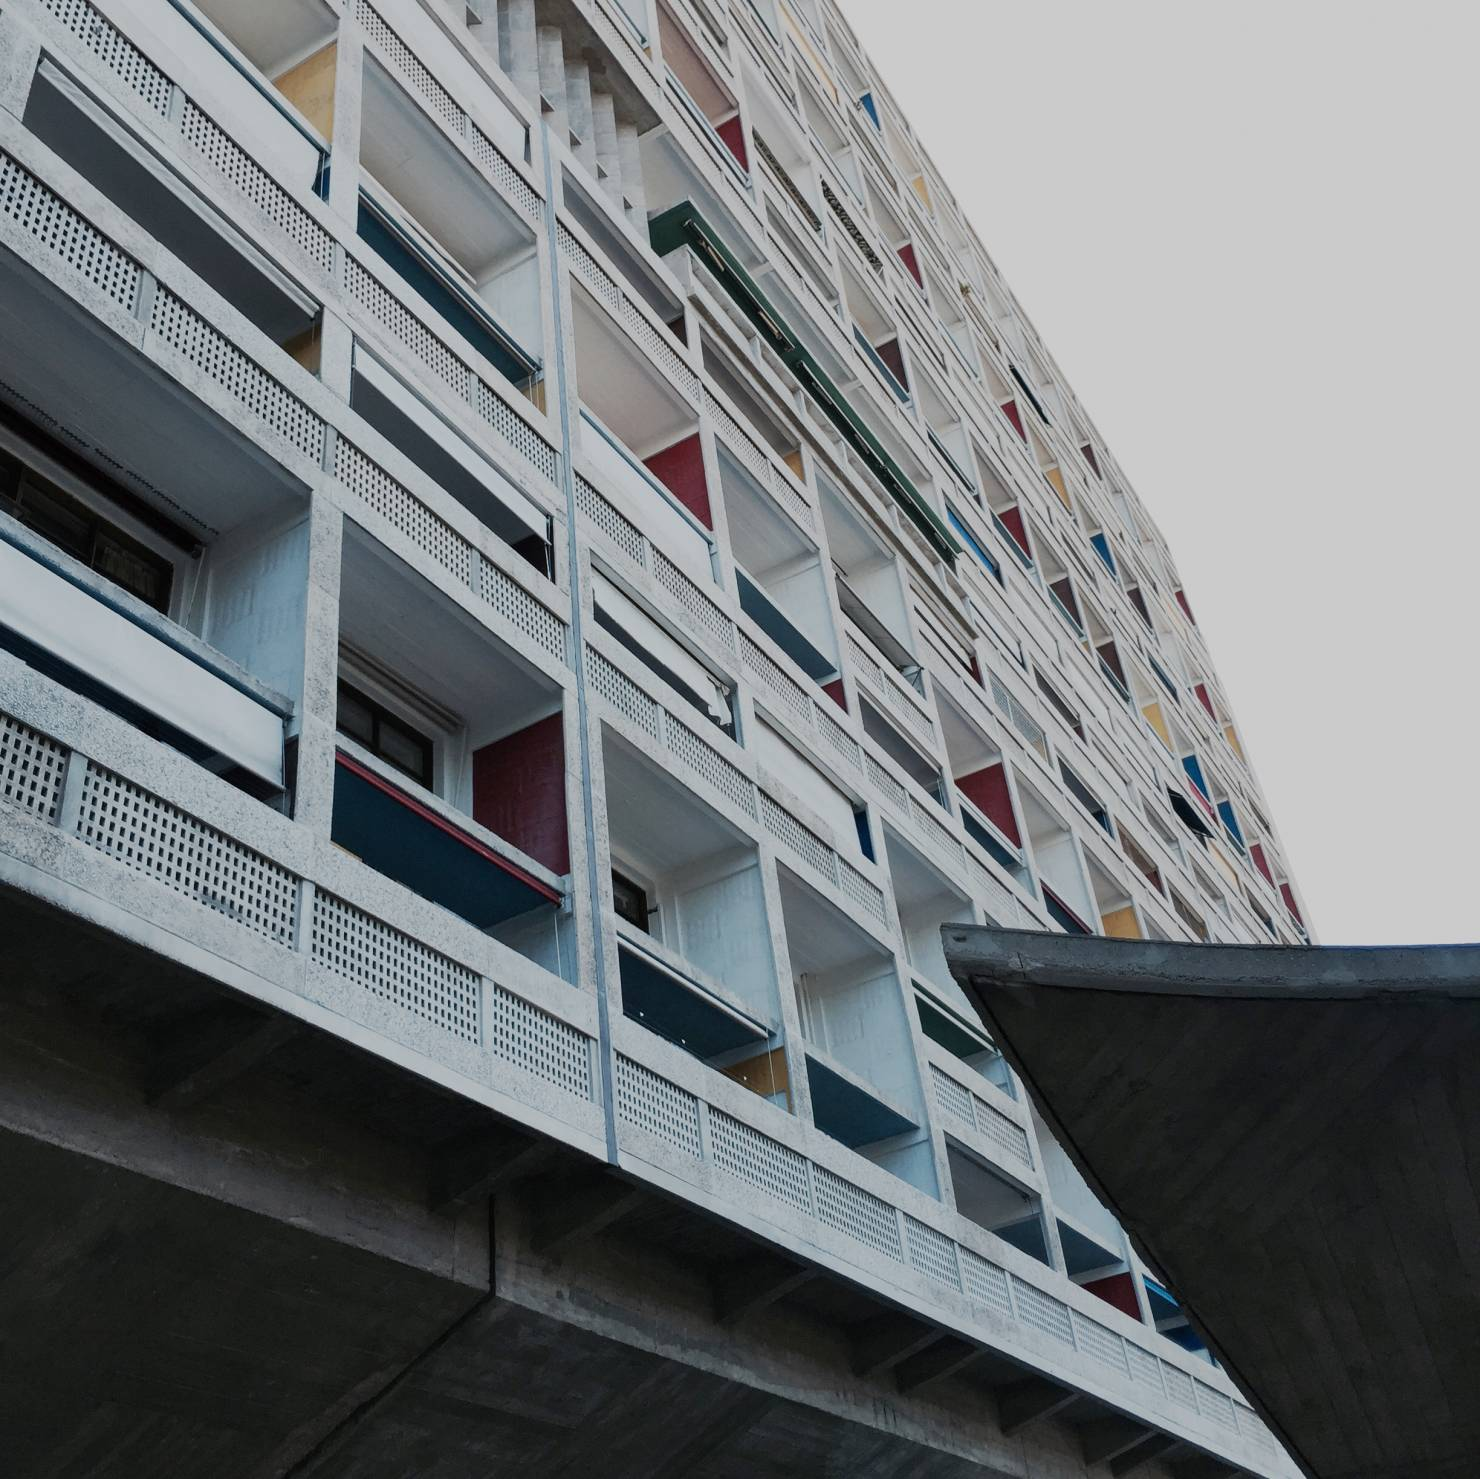 le_corbusier_unite_d-habitation_marseille_patrick_schuttler_012-3915ef1b7a9b745d849b6c372c39734e